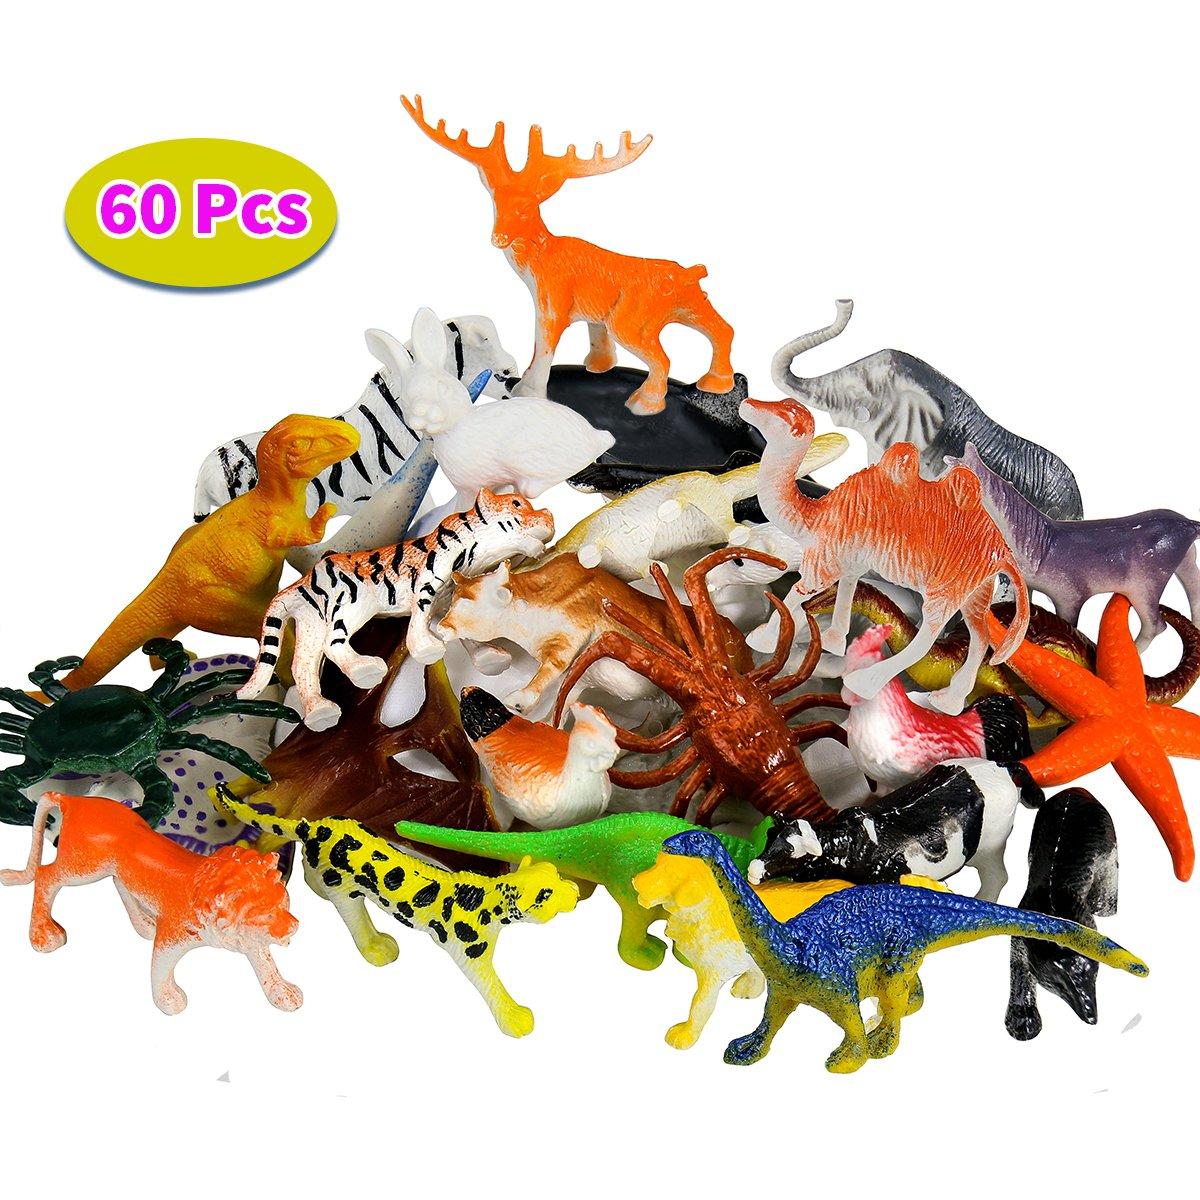 BBLIKE Dschungel Tiere Figur Mini-Dinosaurier-Set und Meerestiere Figur , 60 Stück Kunststoff lebensechte Wildtiere und Kleinen Farm Spielzeug Dekoration für Kinder Geburtstag Party das beste Geschenkset